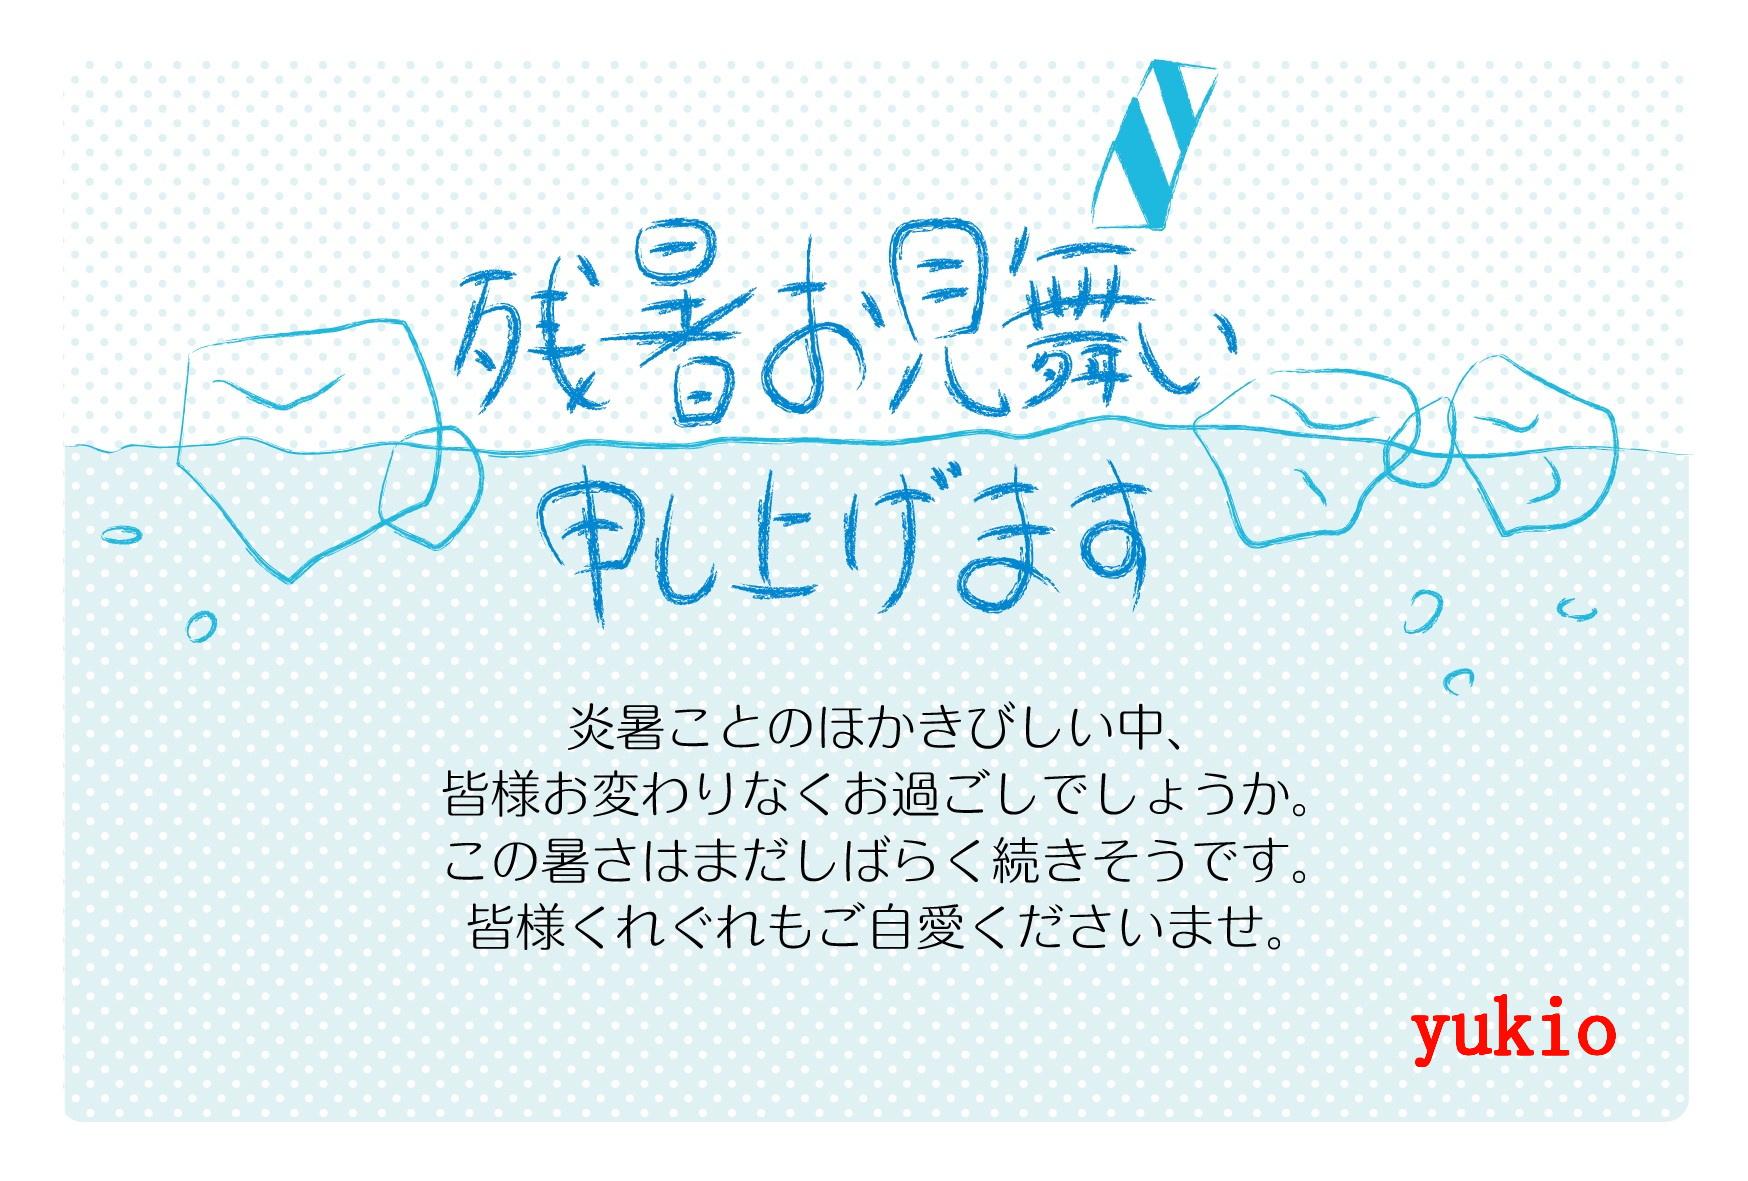 2016残暑お見舞い_ゆきおさん